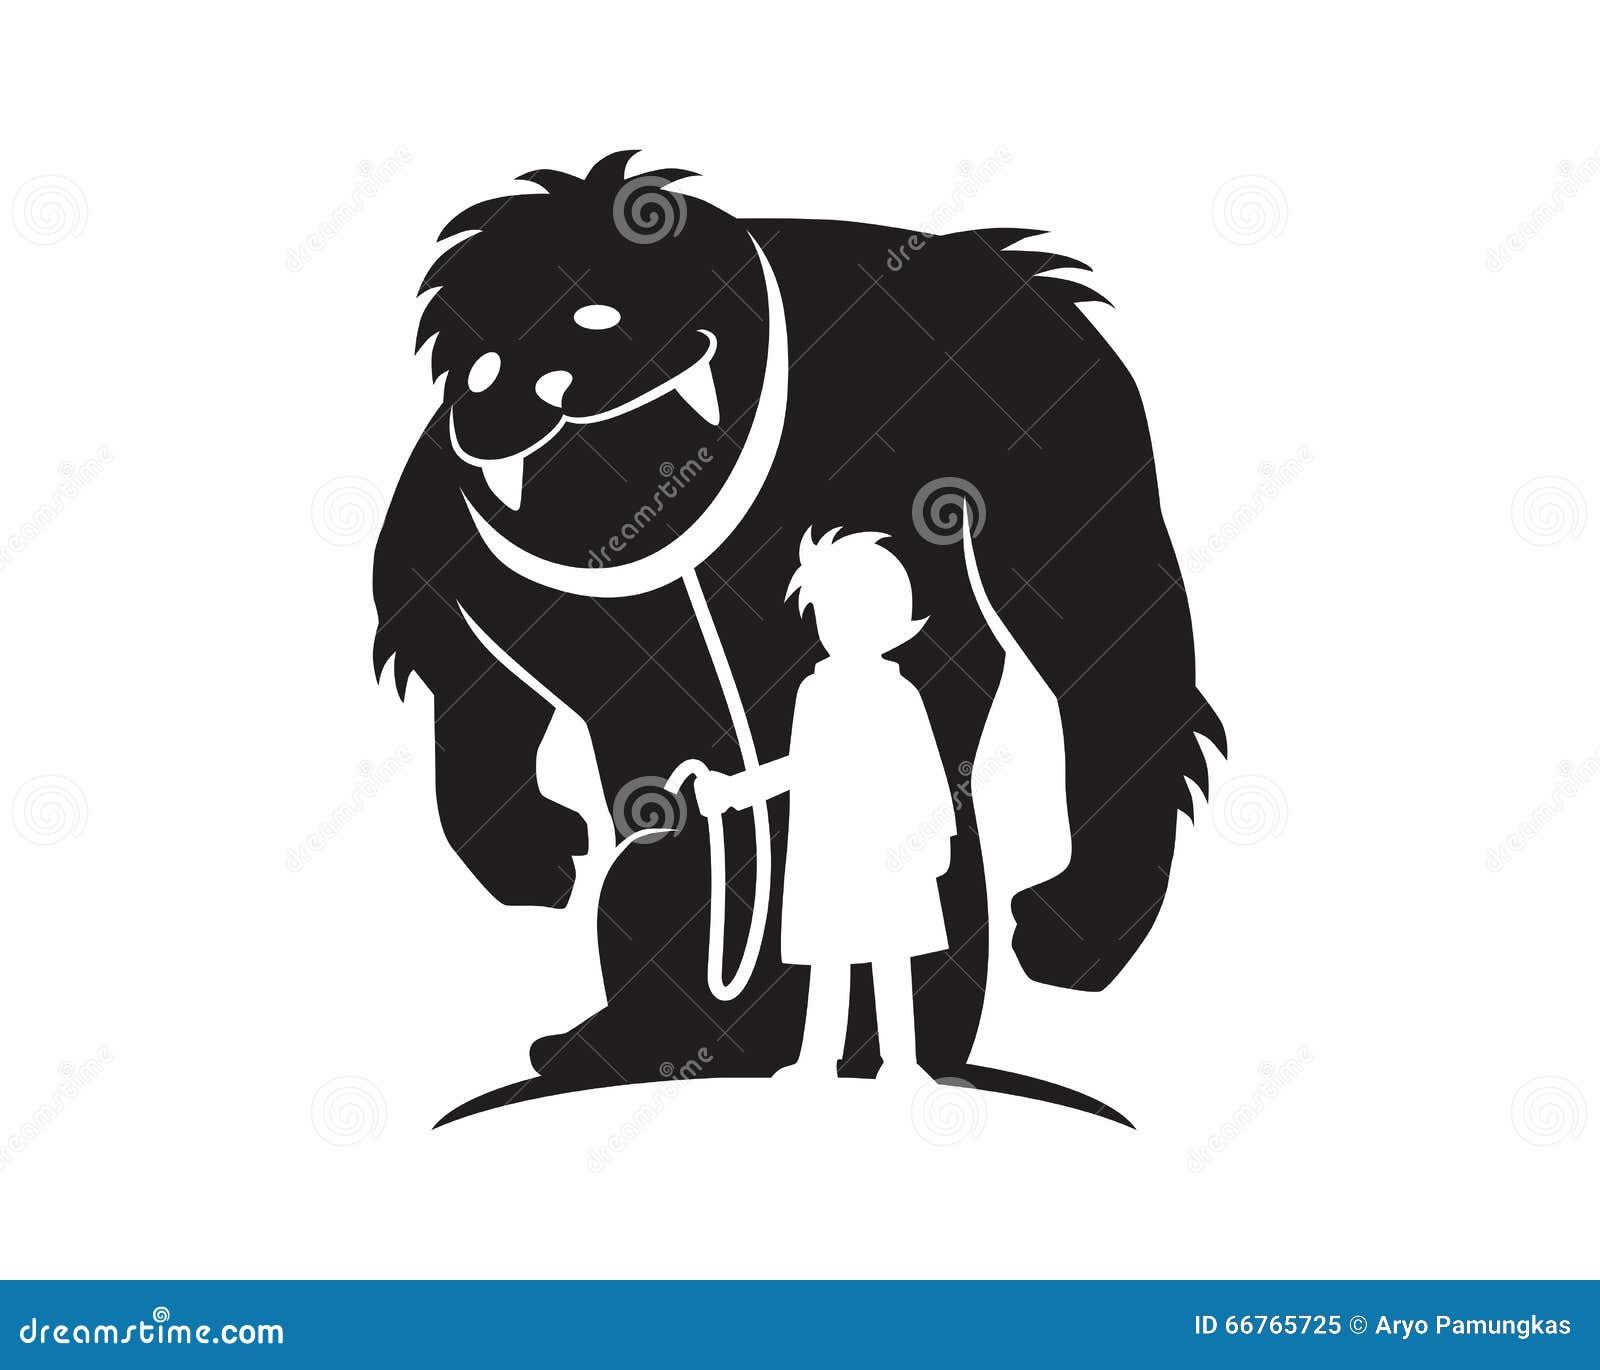 Monster beast silhouette